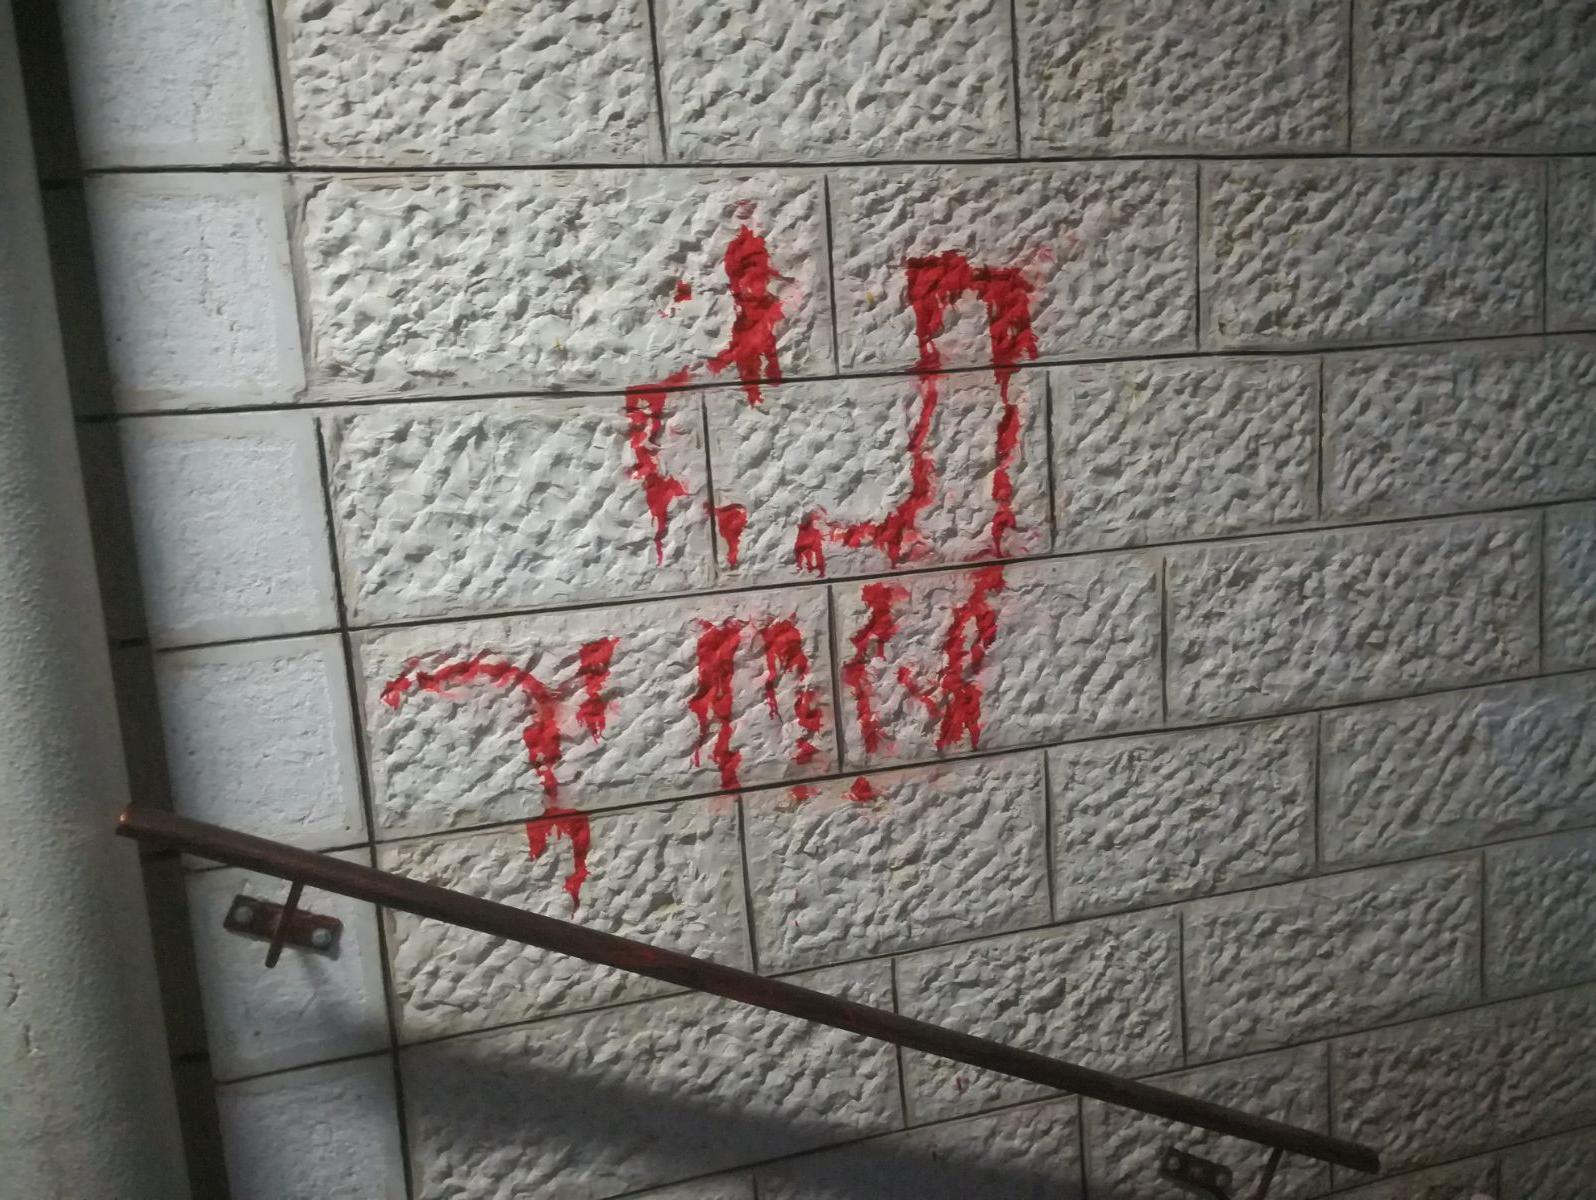 במוקד - יצהר: המצוד של מערכת הביטחון אחר החשודים בפשעי השנאה